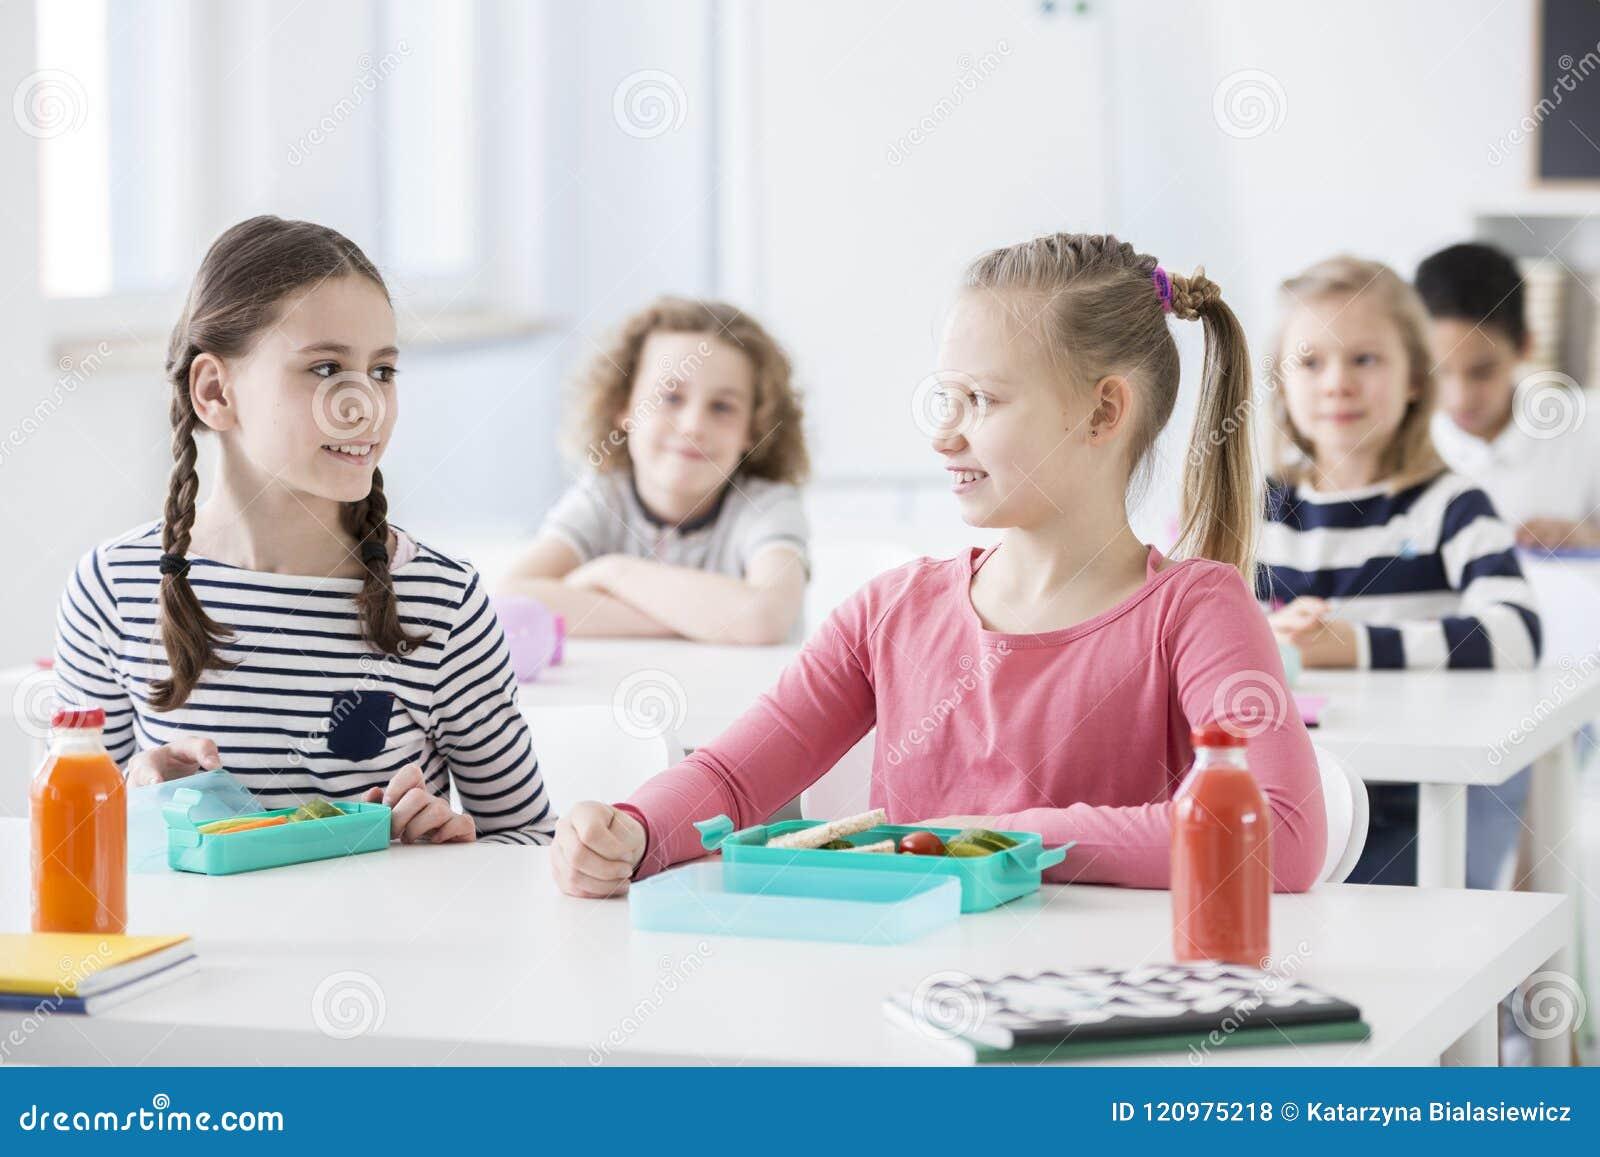 Glückliche Mädchen, die in der Schule Bruch genießen und Frühstück essen